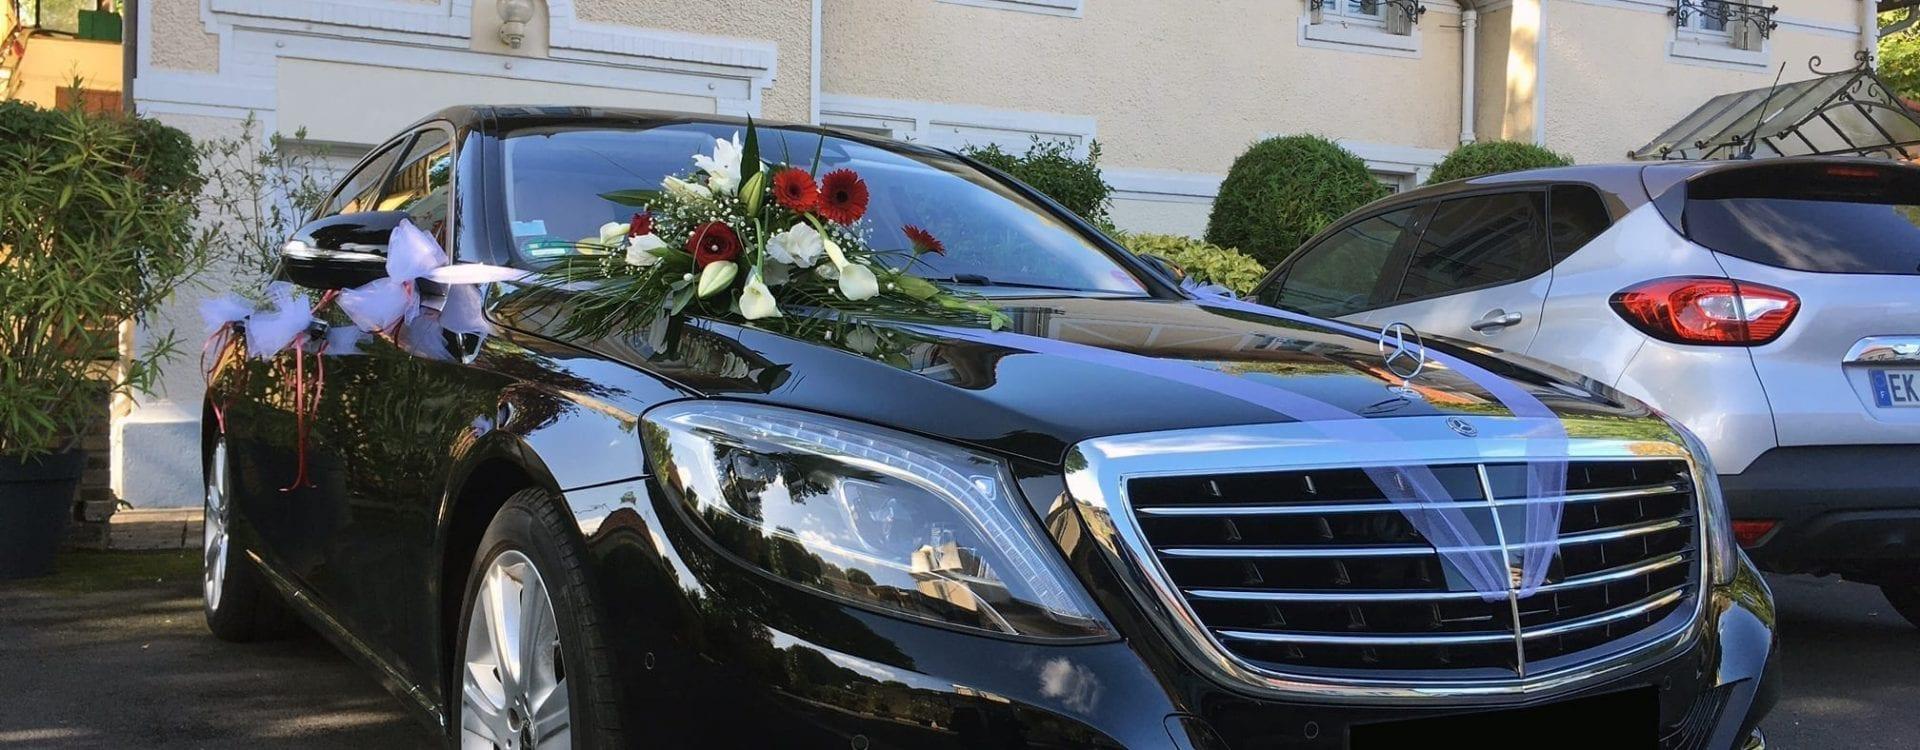 Location de voitures avec chauffeur pour votre mariage